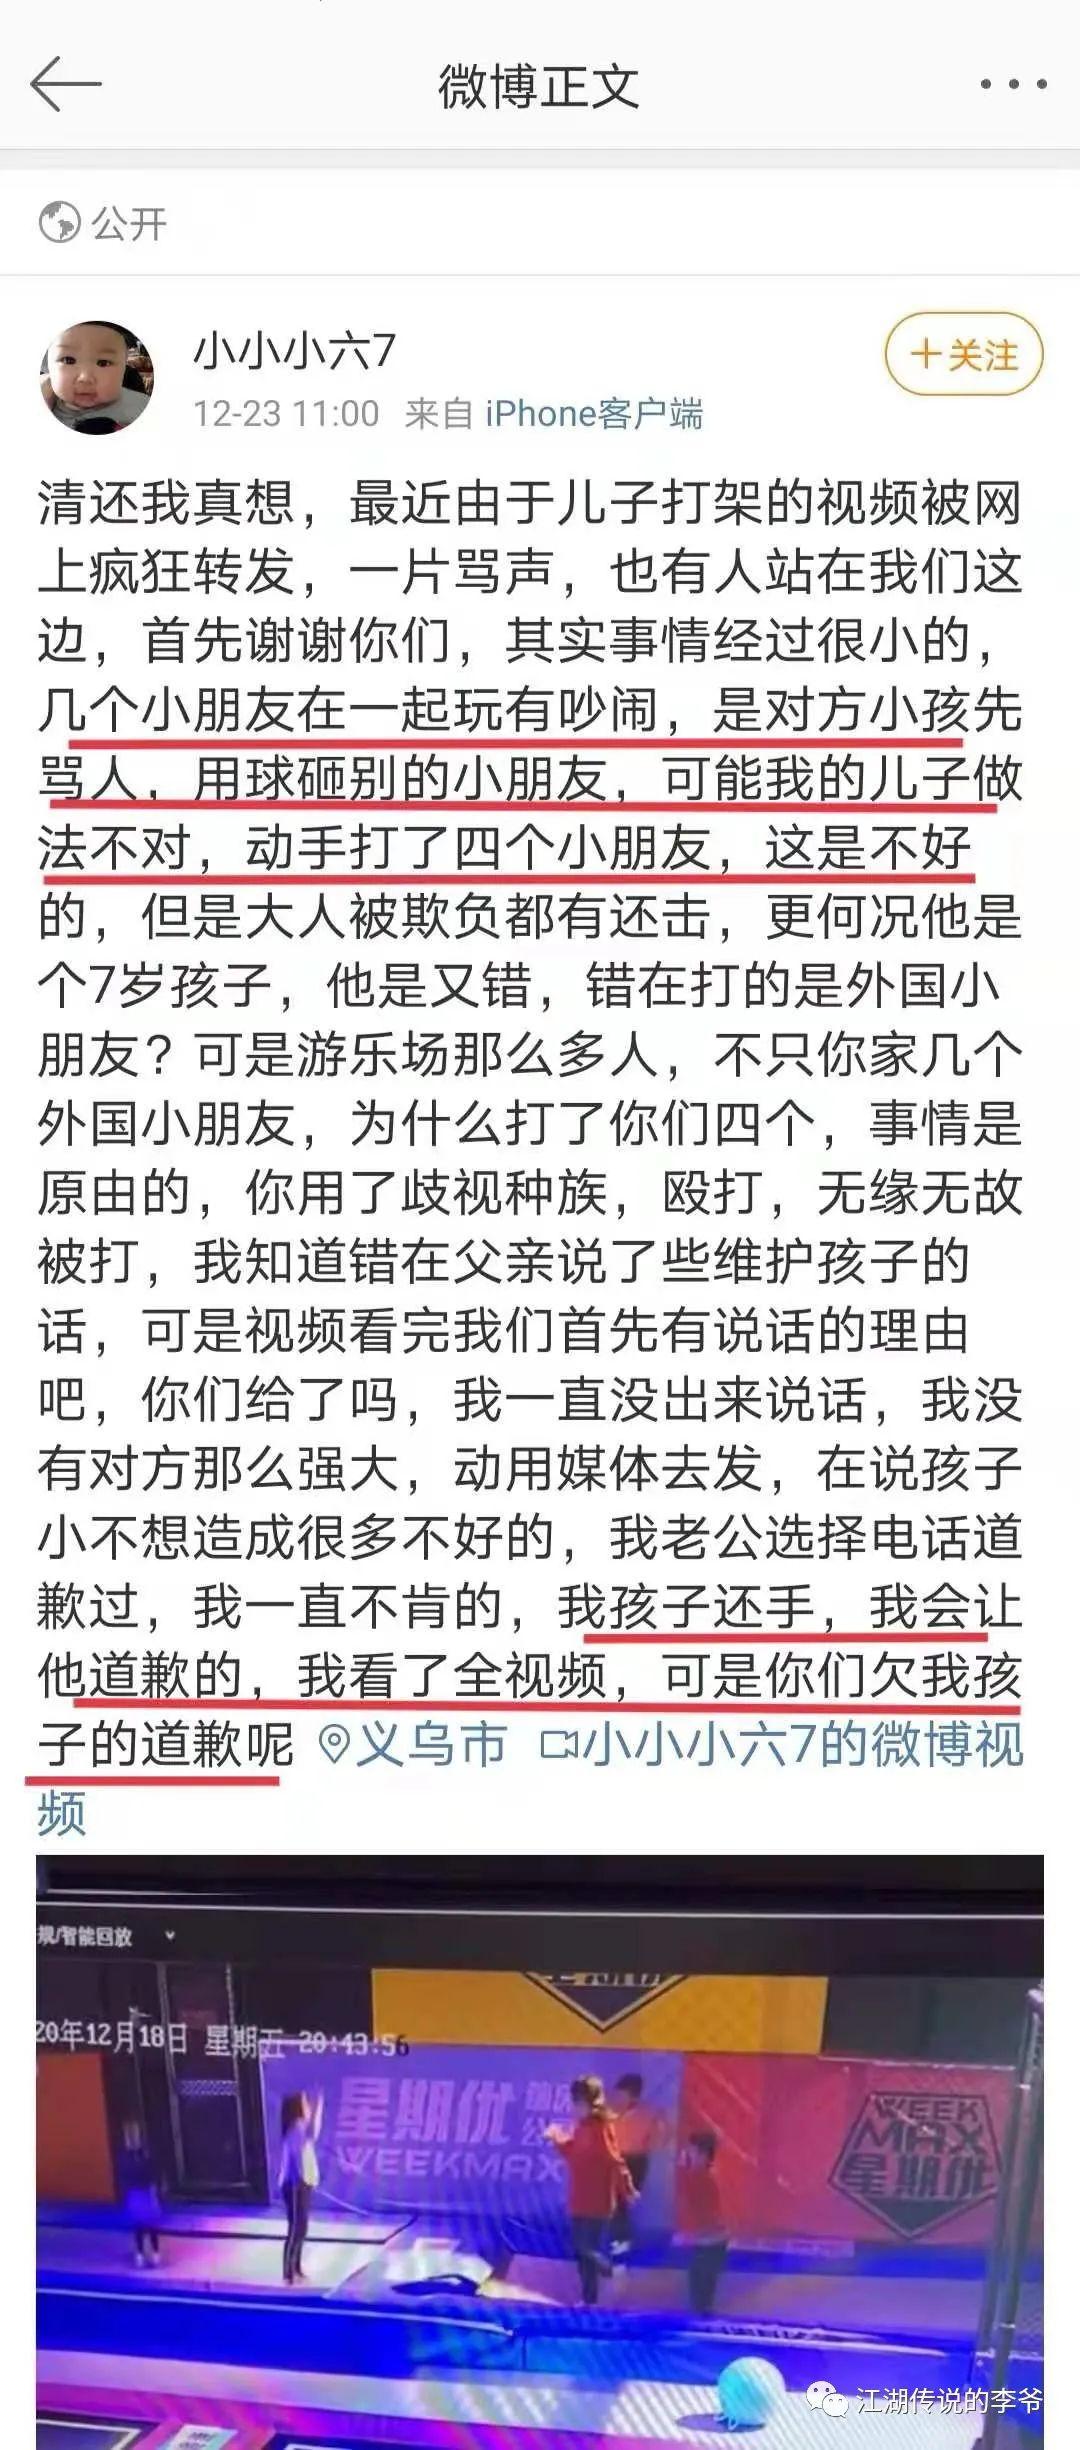 男孩殴打外国女孩家长拒道歉事件大反转原来是外国女孩欺负弱小在先!